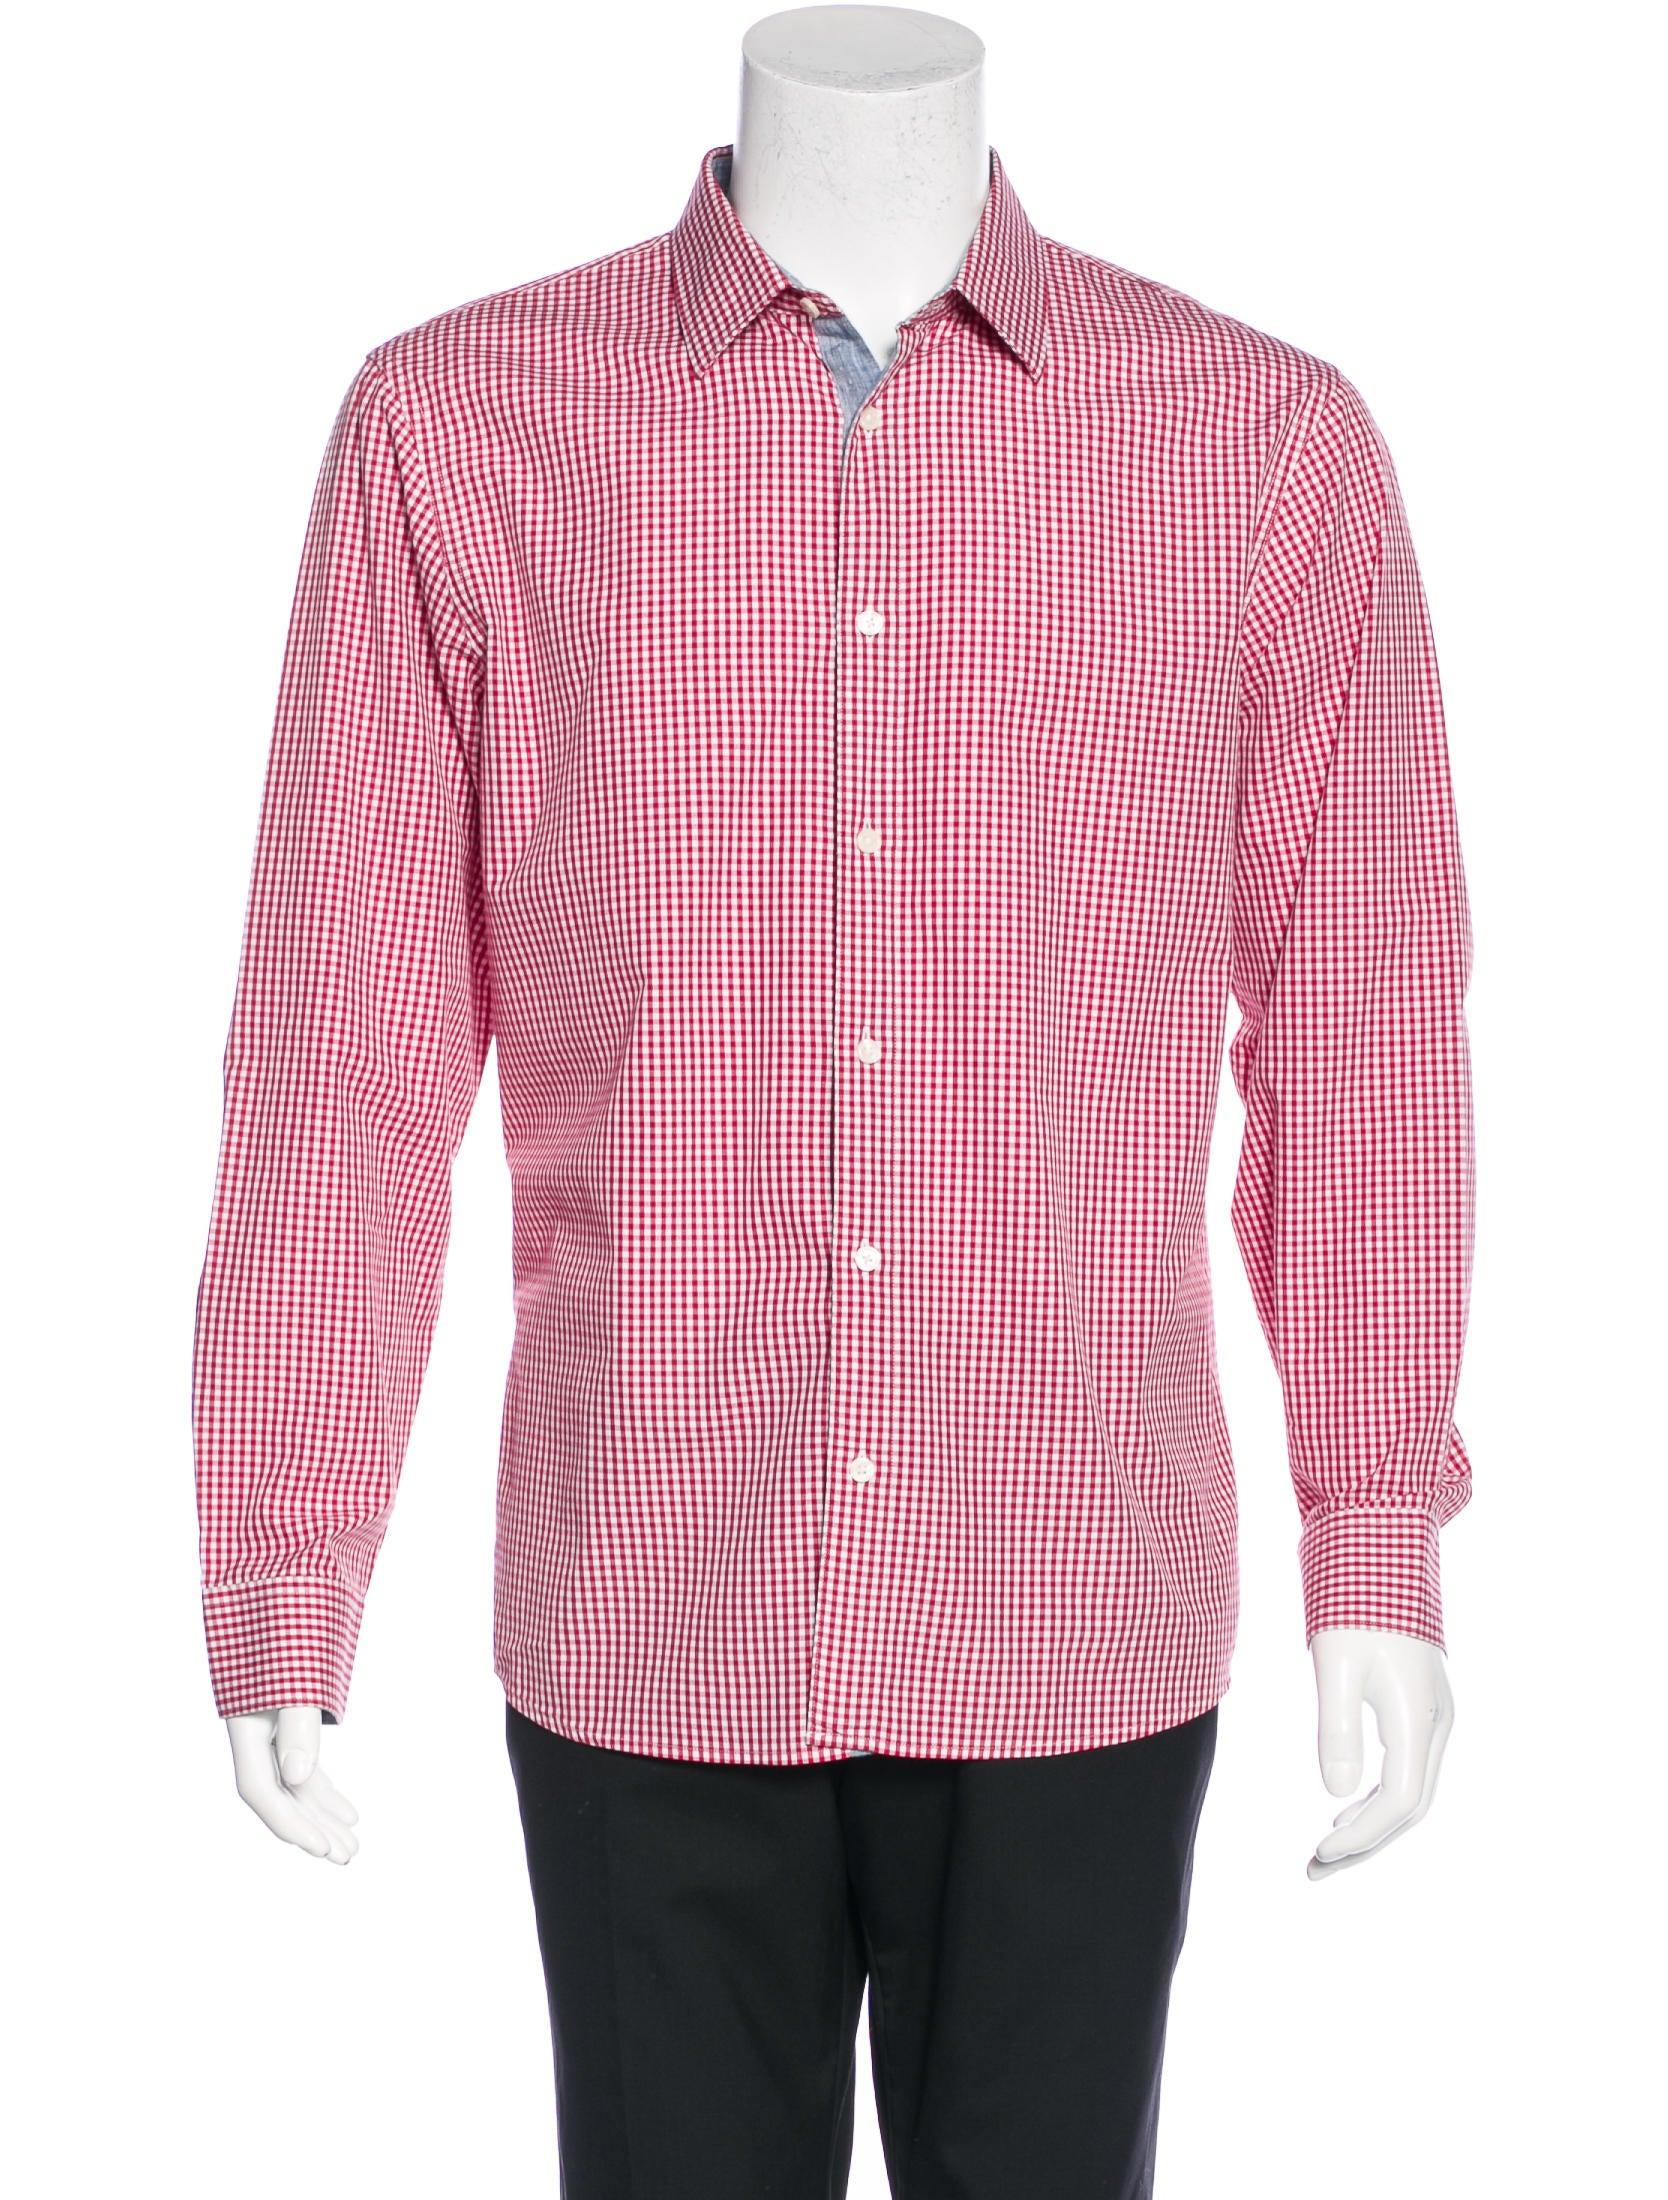 Michael kors gingham dress shirt clothing mic49251 for Men s red gingham dress shirt